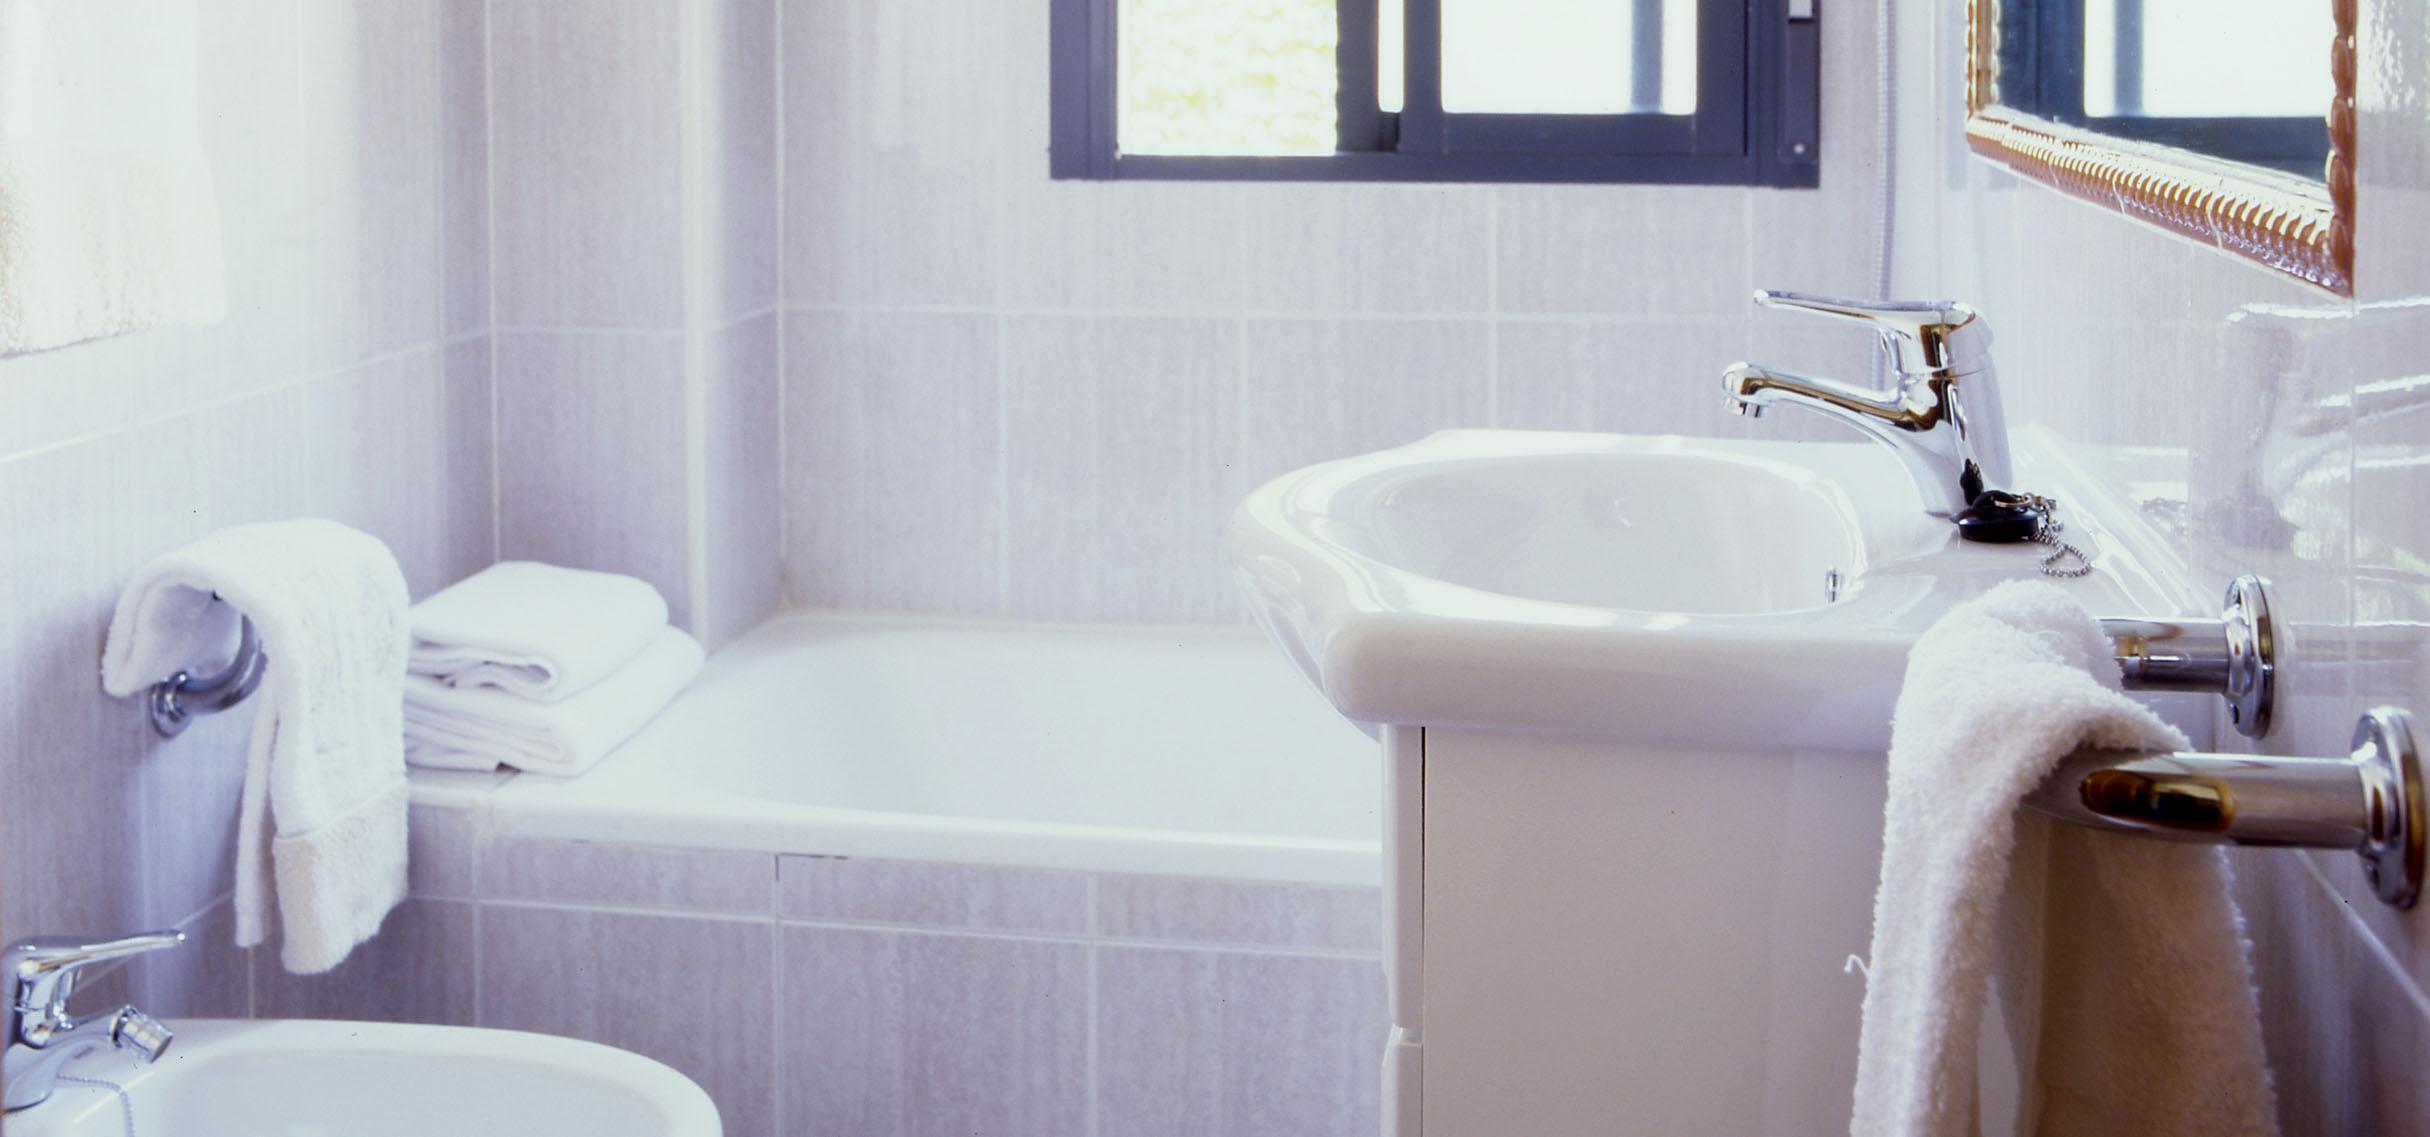 Alquilar apartamentos en madrid por meses semanas for Alquiler pisos madrid